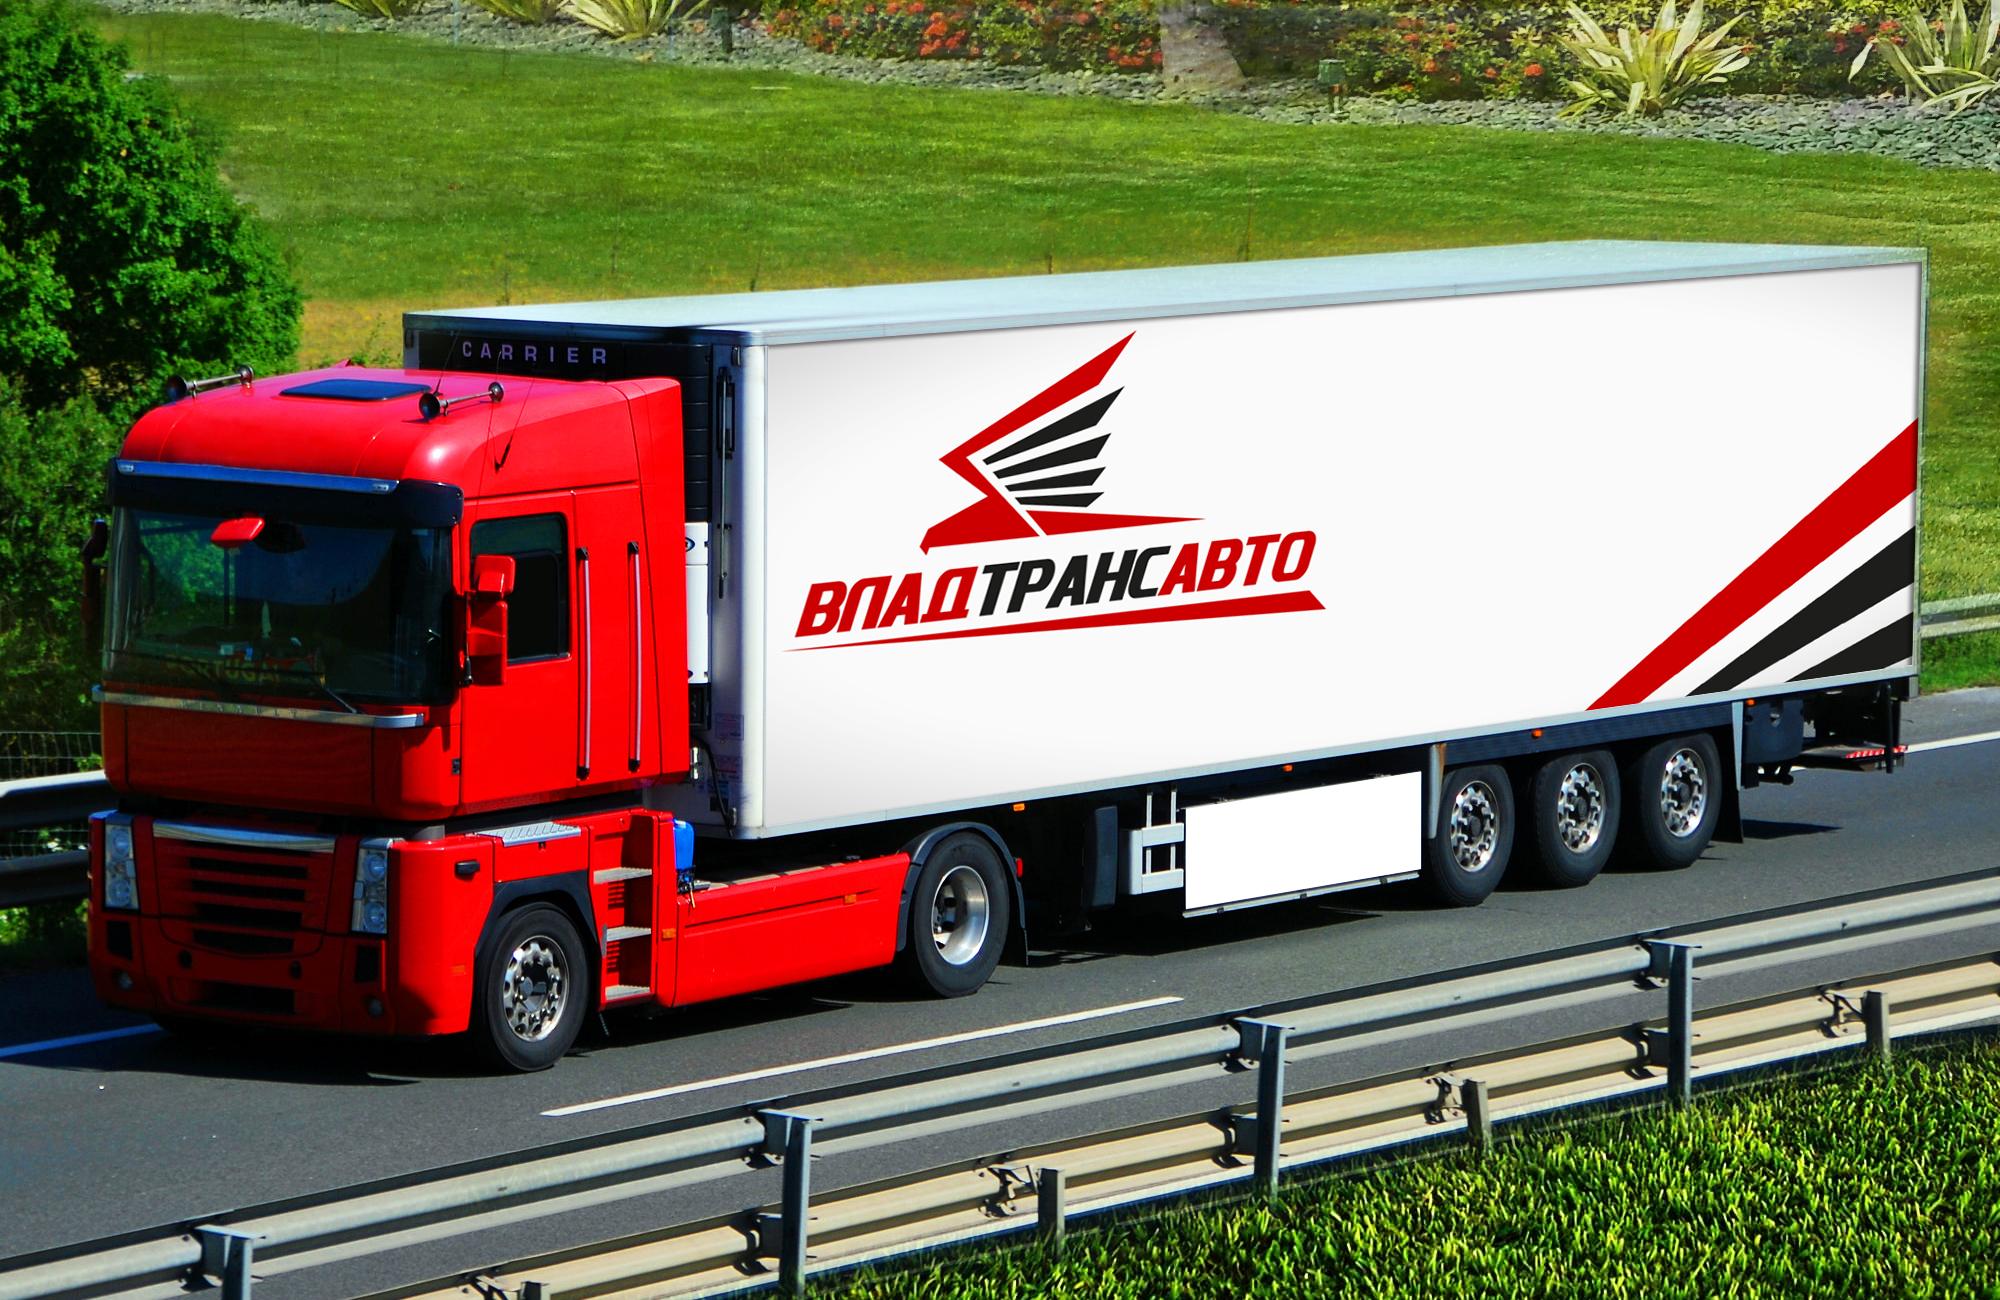 Логотип и фирменный стиль для транспортной компании Владтрансавто фото f_3305cdcfc637f5b2.jpg